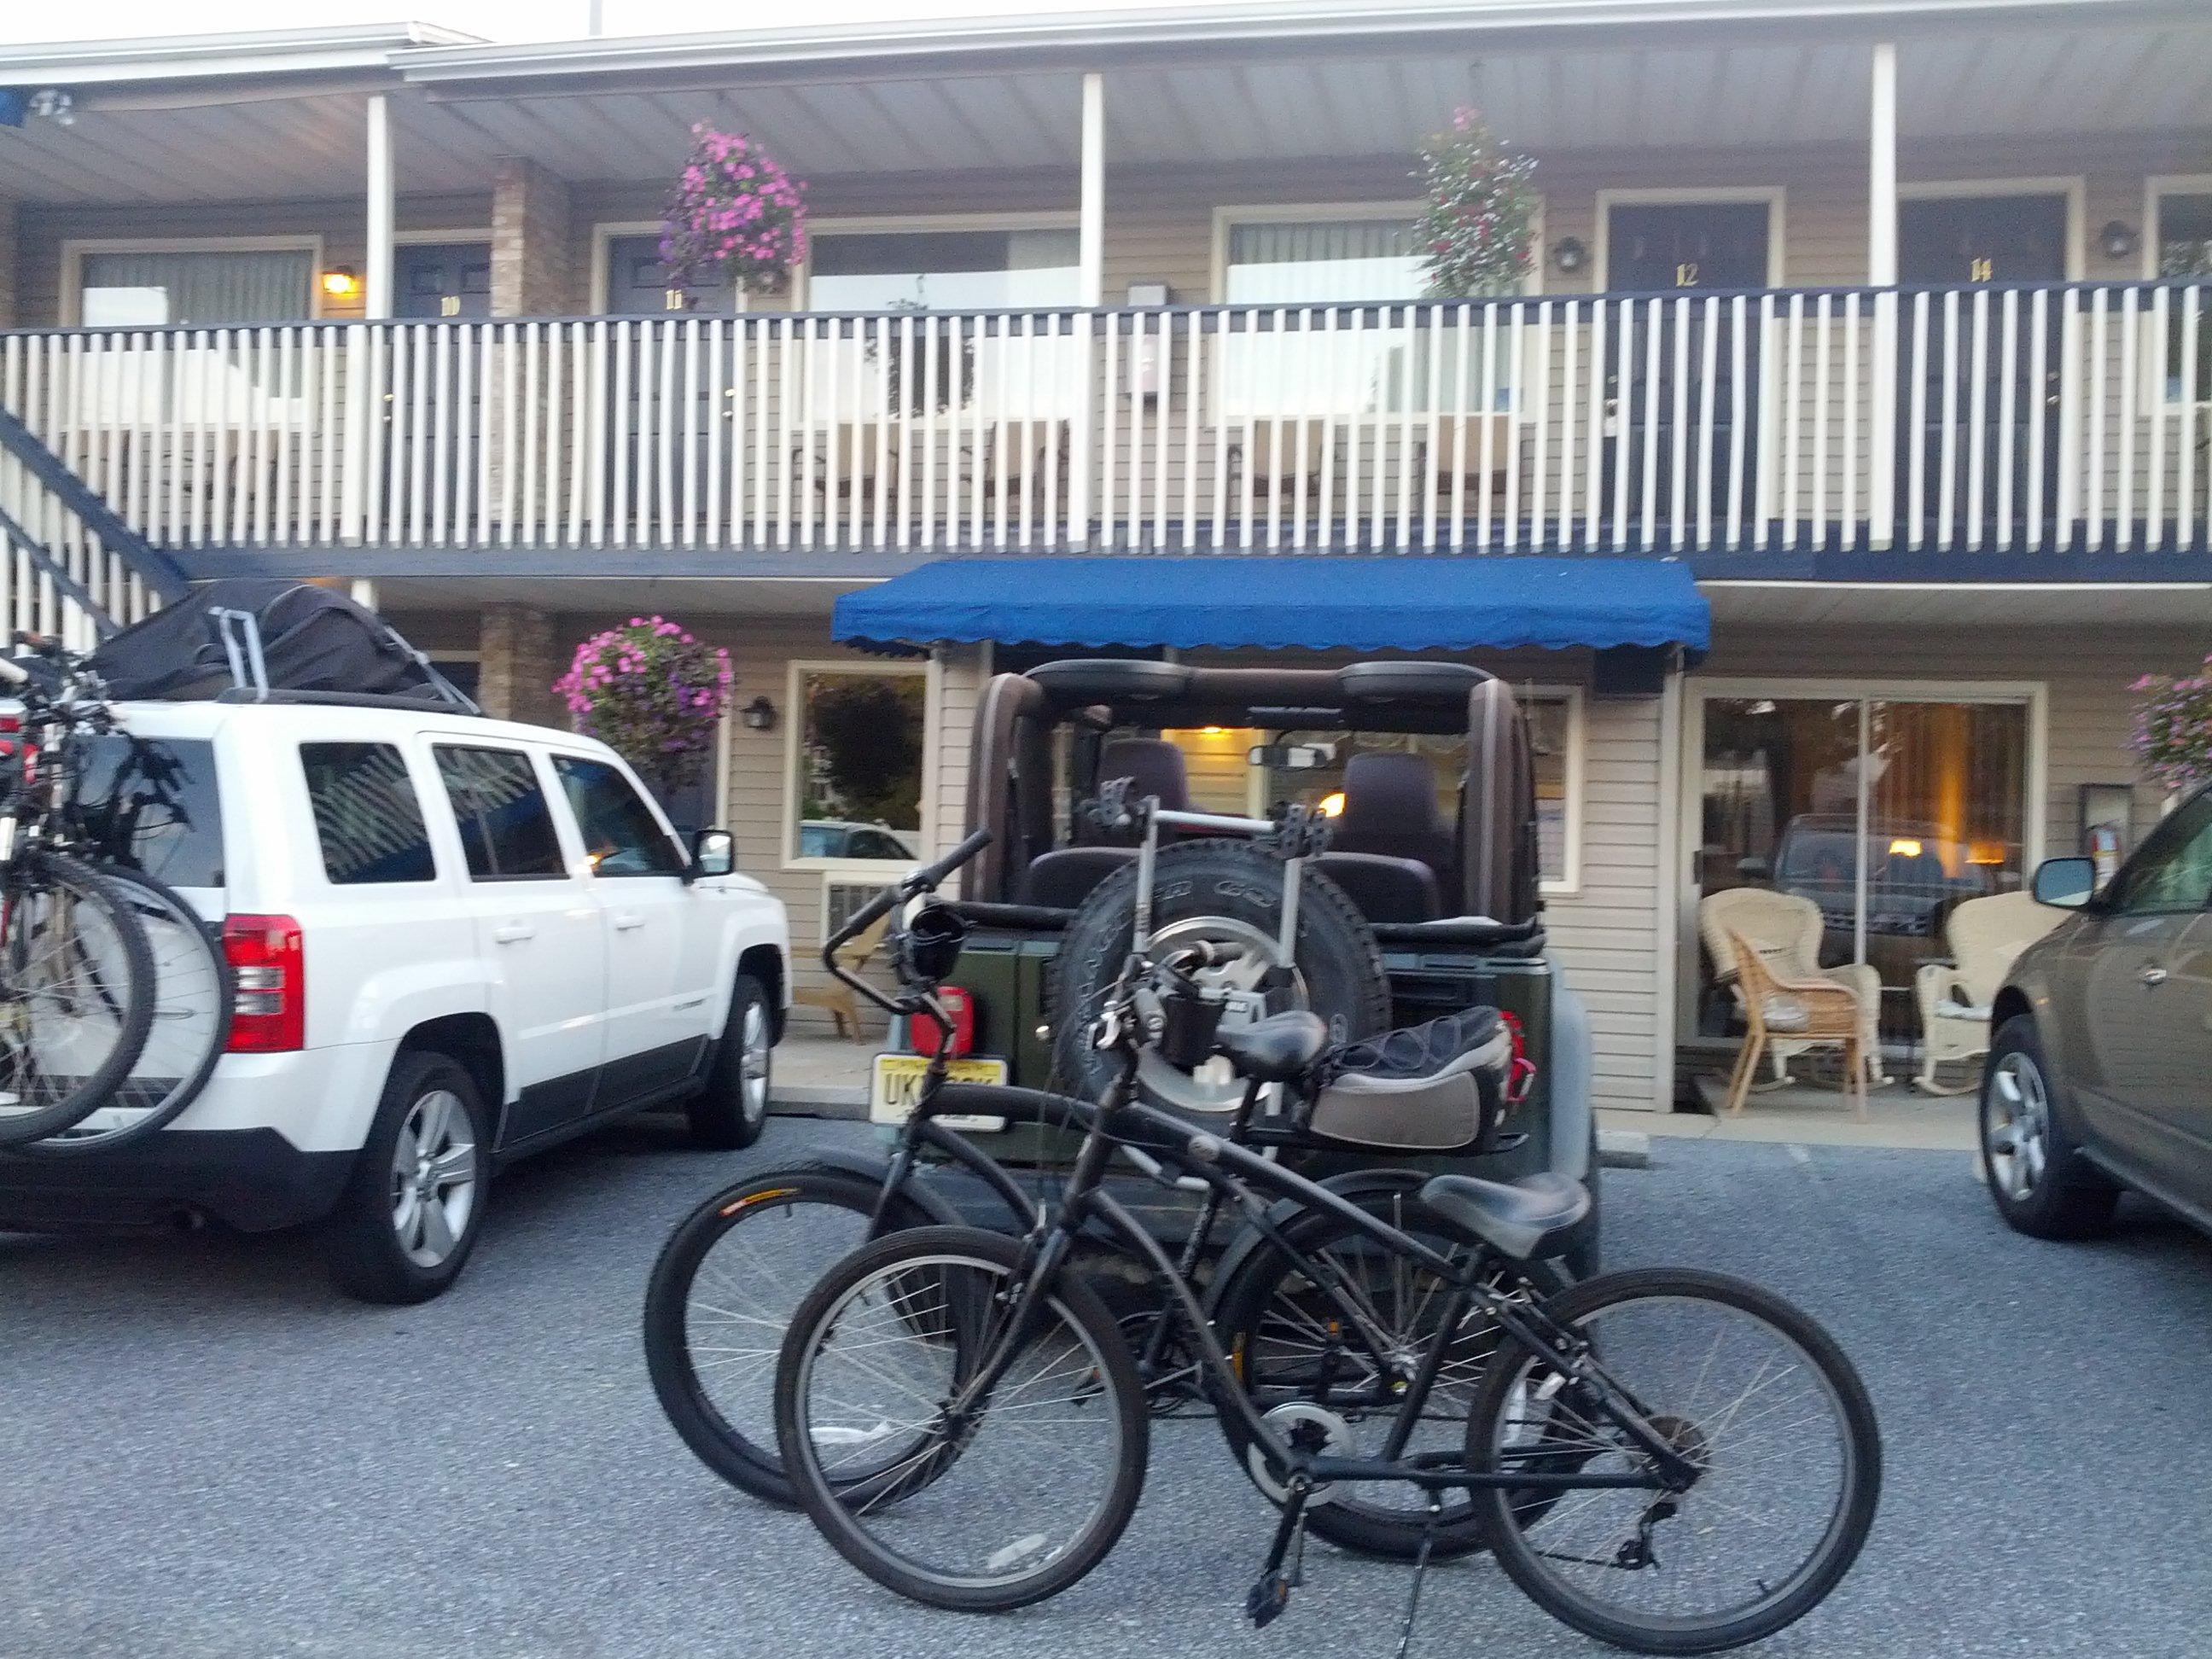 Pirates Cove Motel